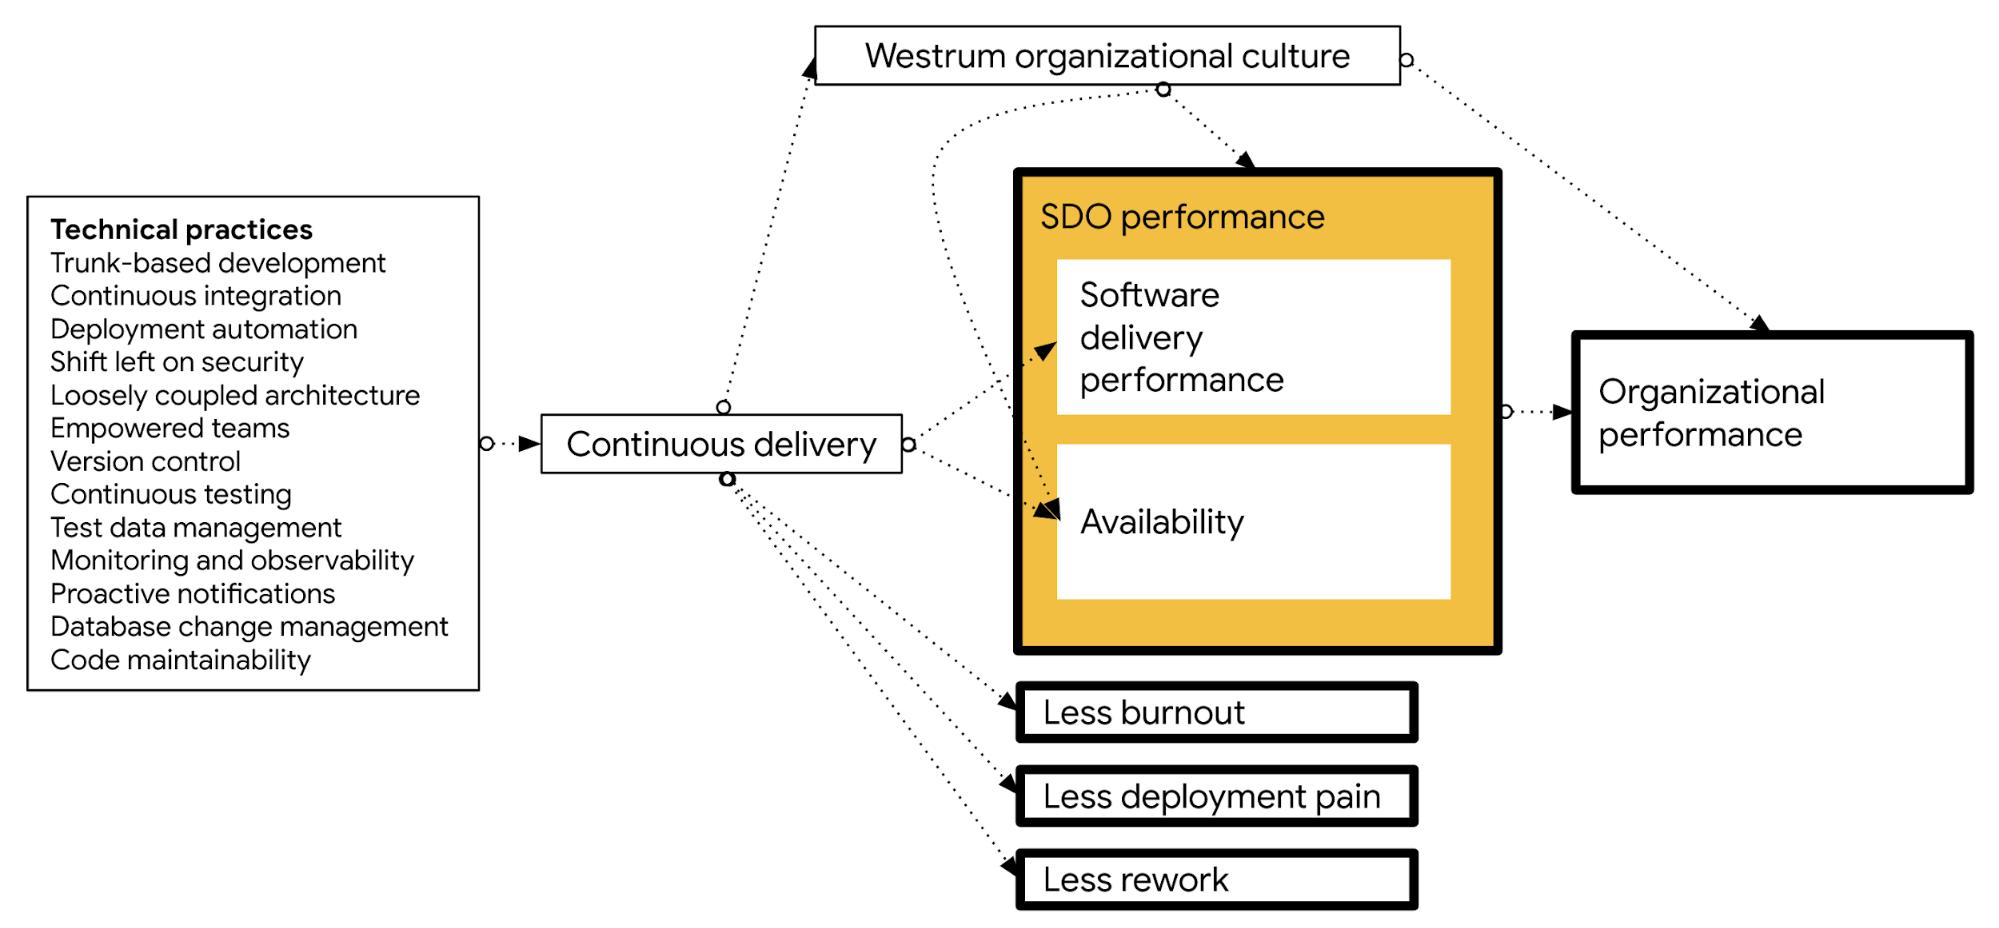 Como as práticas técnicas geram resultados em outros recursos